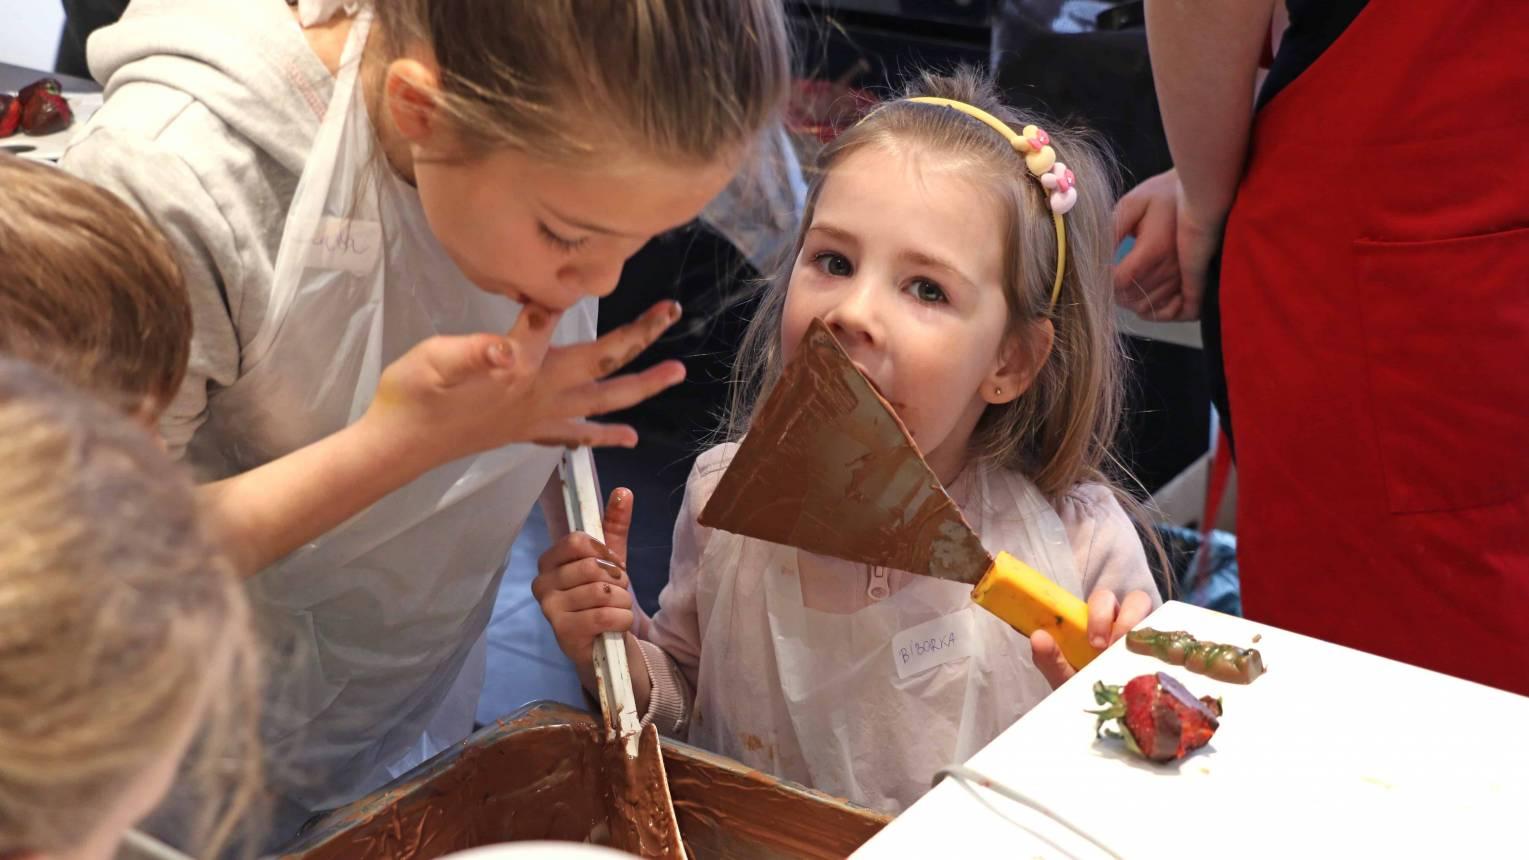 Családi vagy baráti csokikészítés egy francia cukrászdában